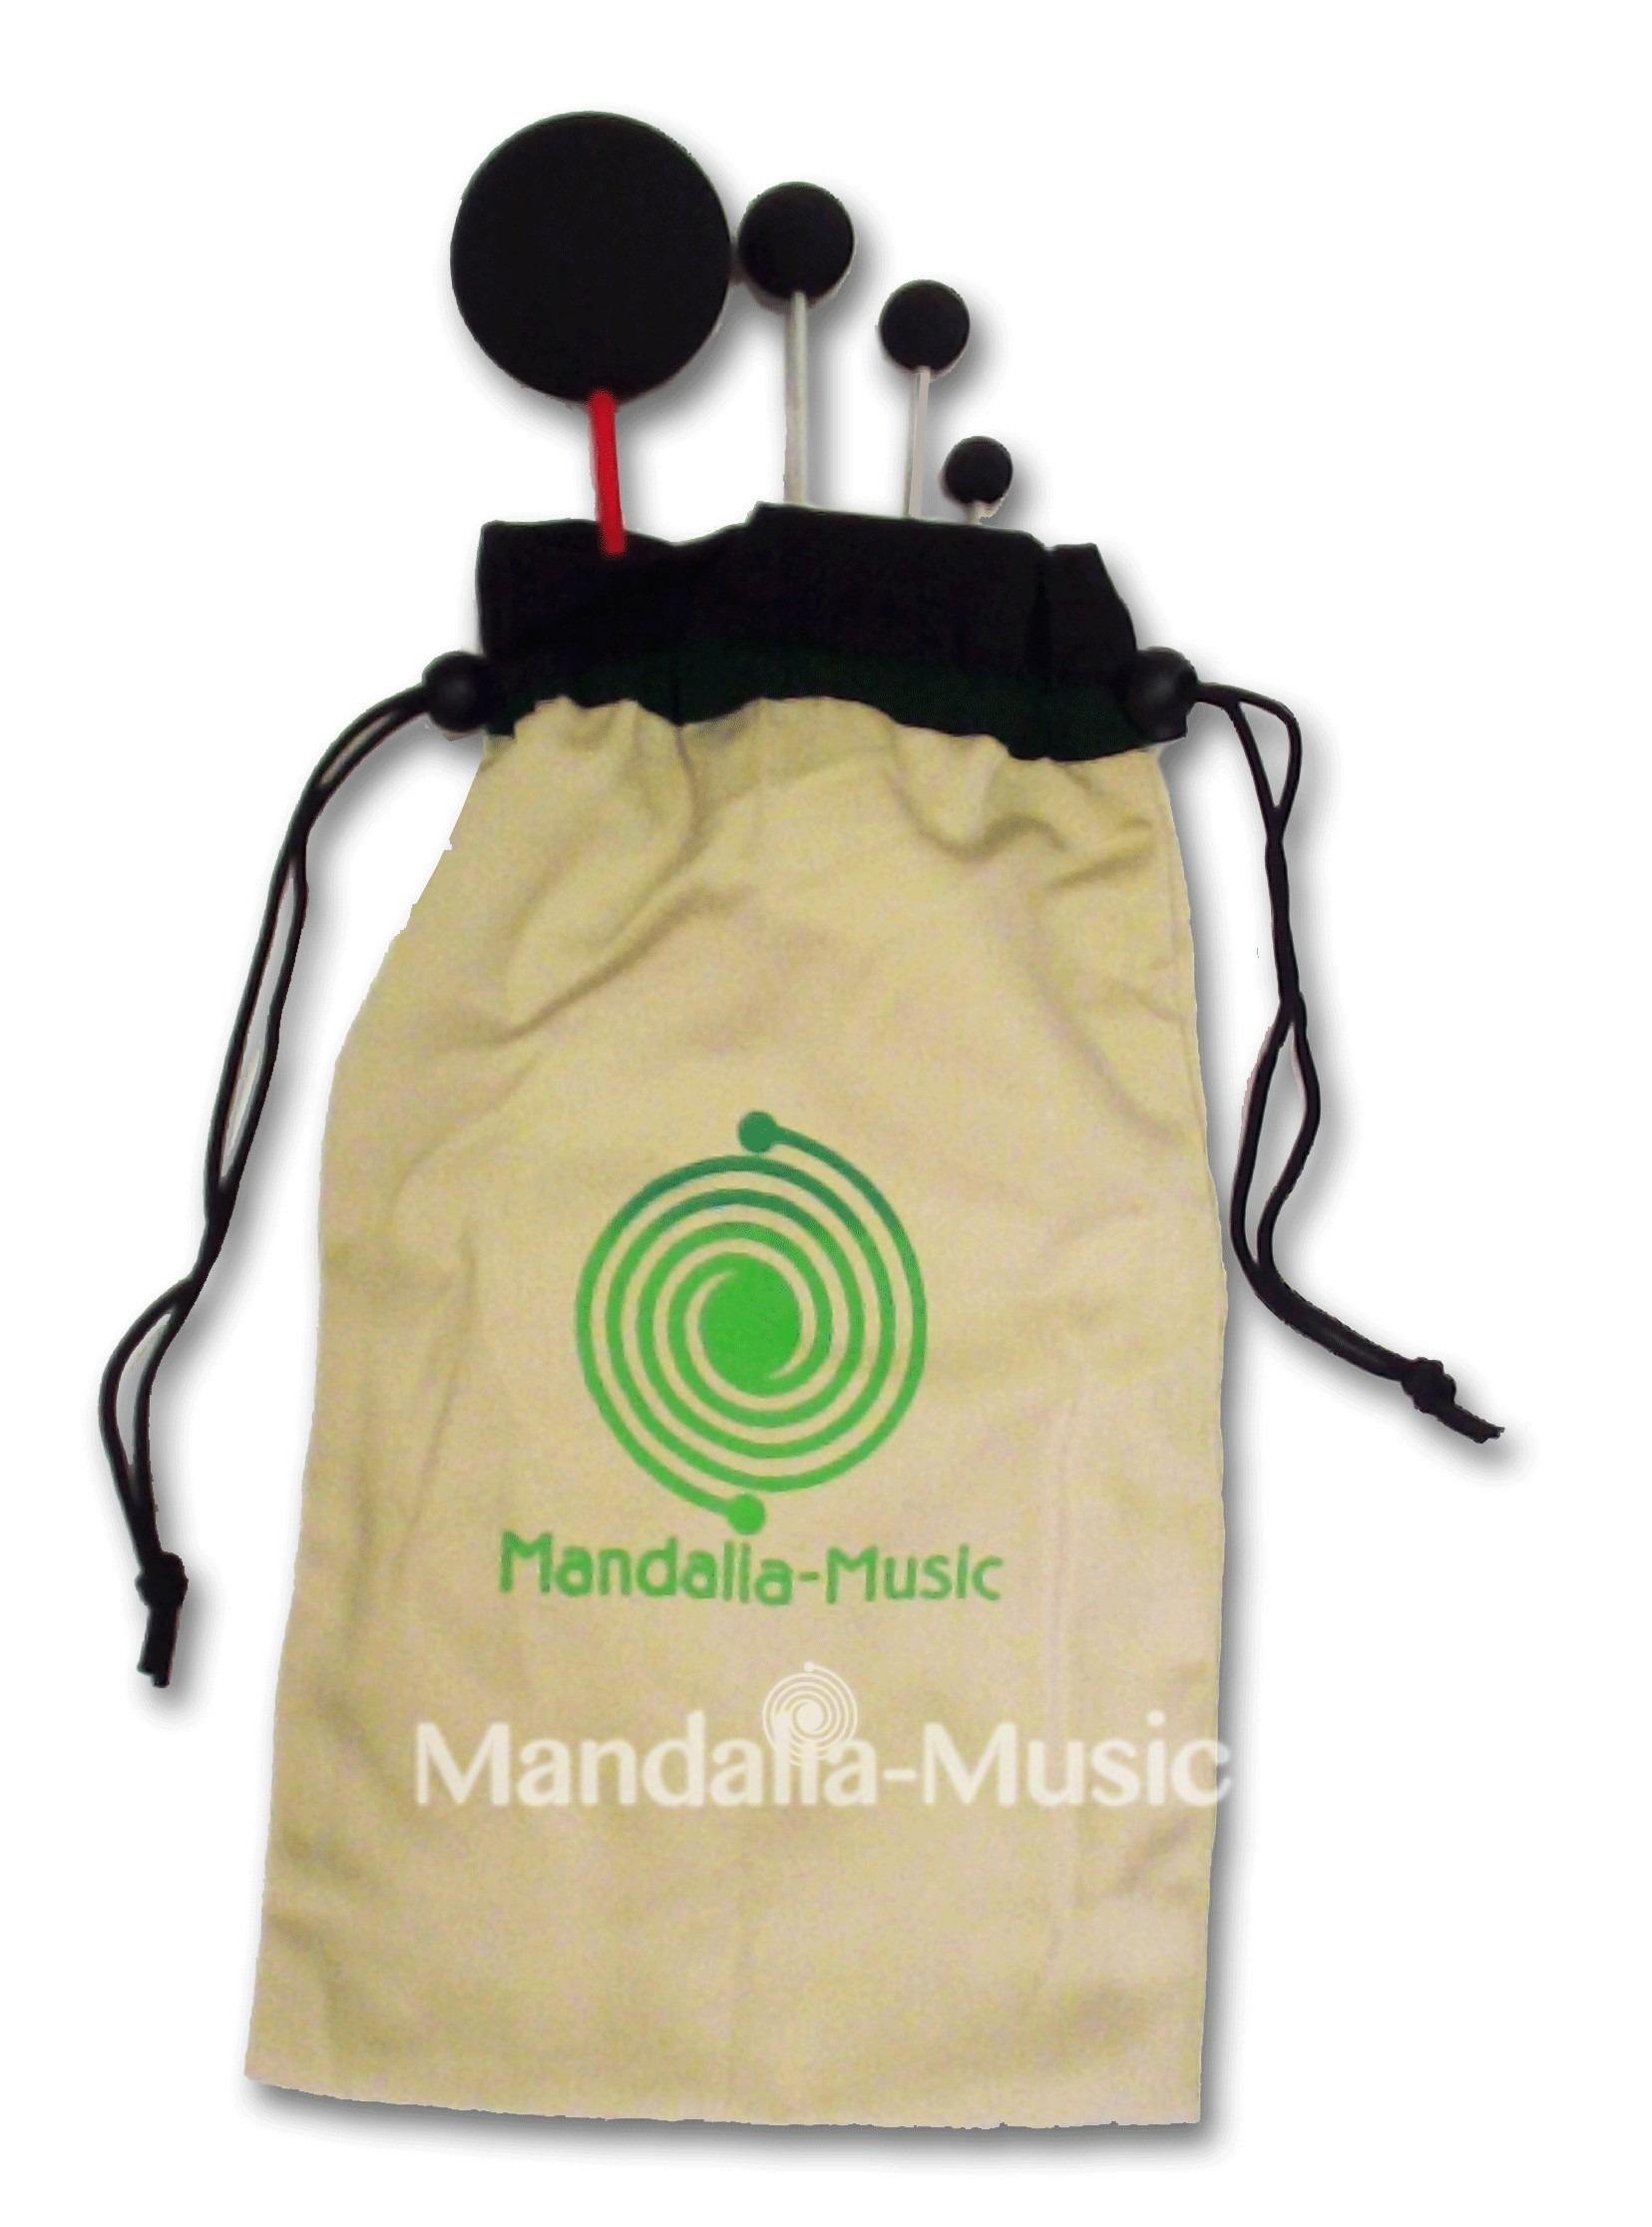 Vendu avec le sac mandalia